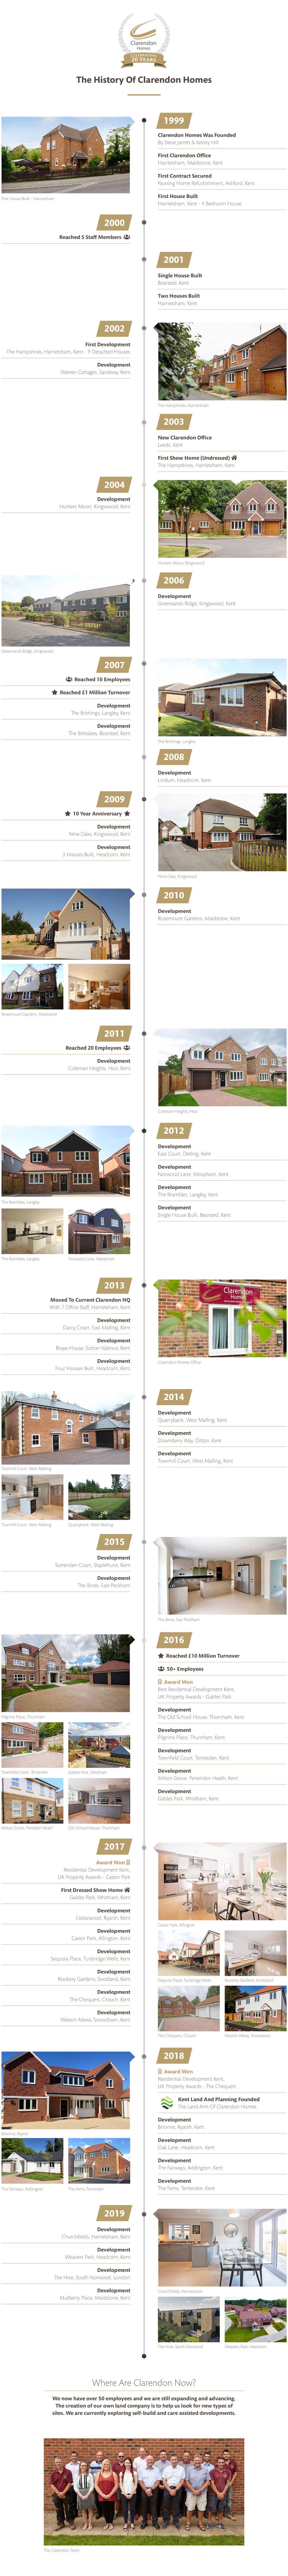 Clarendon Homes Timeline